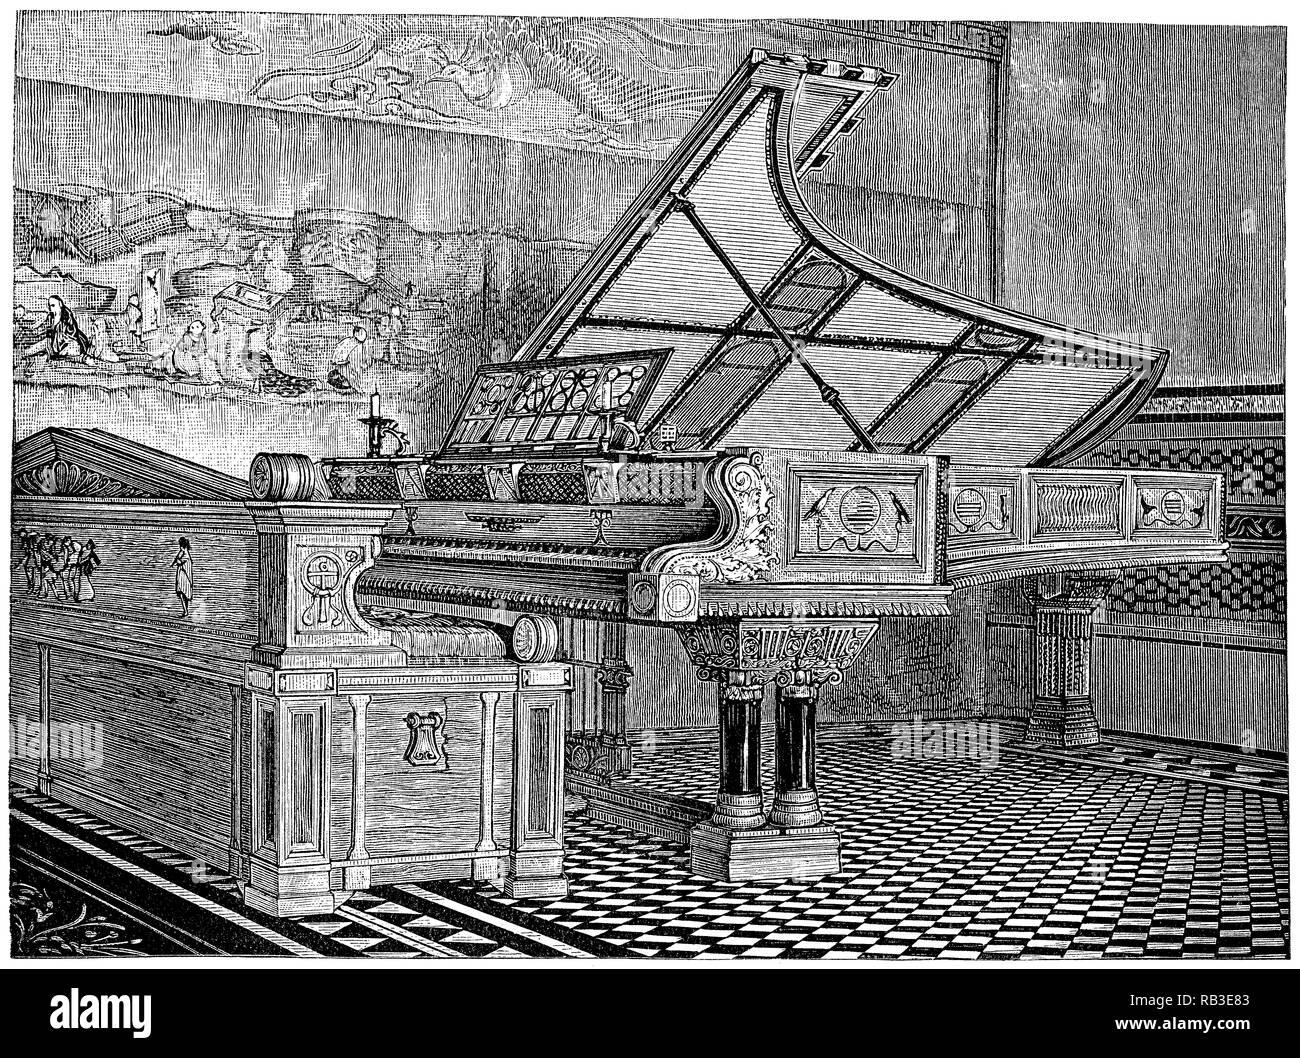 1884 Grabado de un piano pertenecientes al pintor Sir Lawrence Alma-Tadema. Imagen De Stock